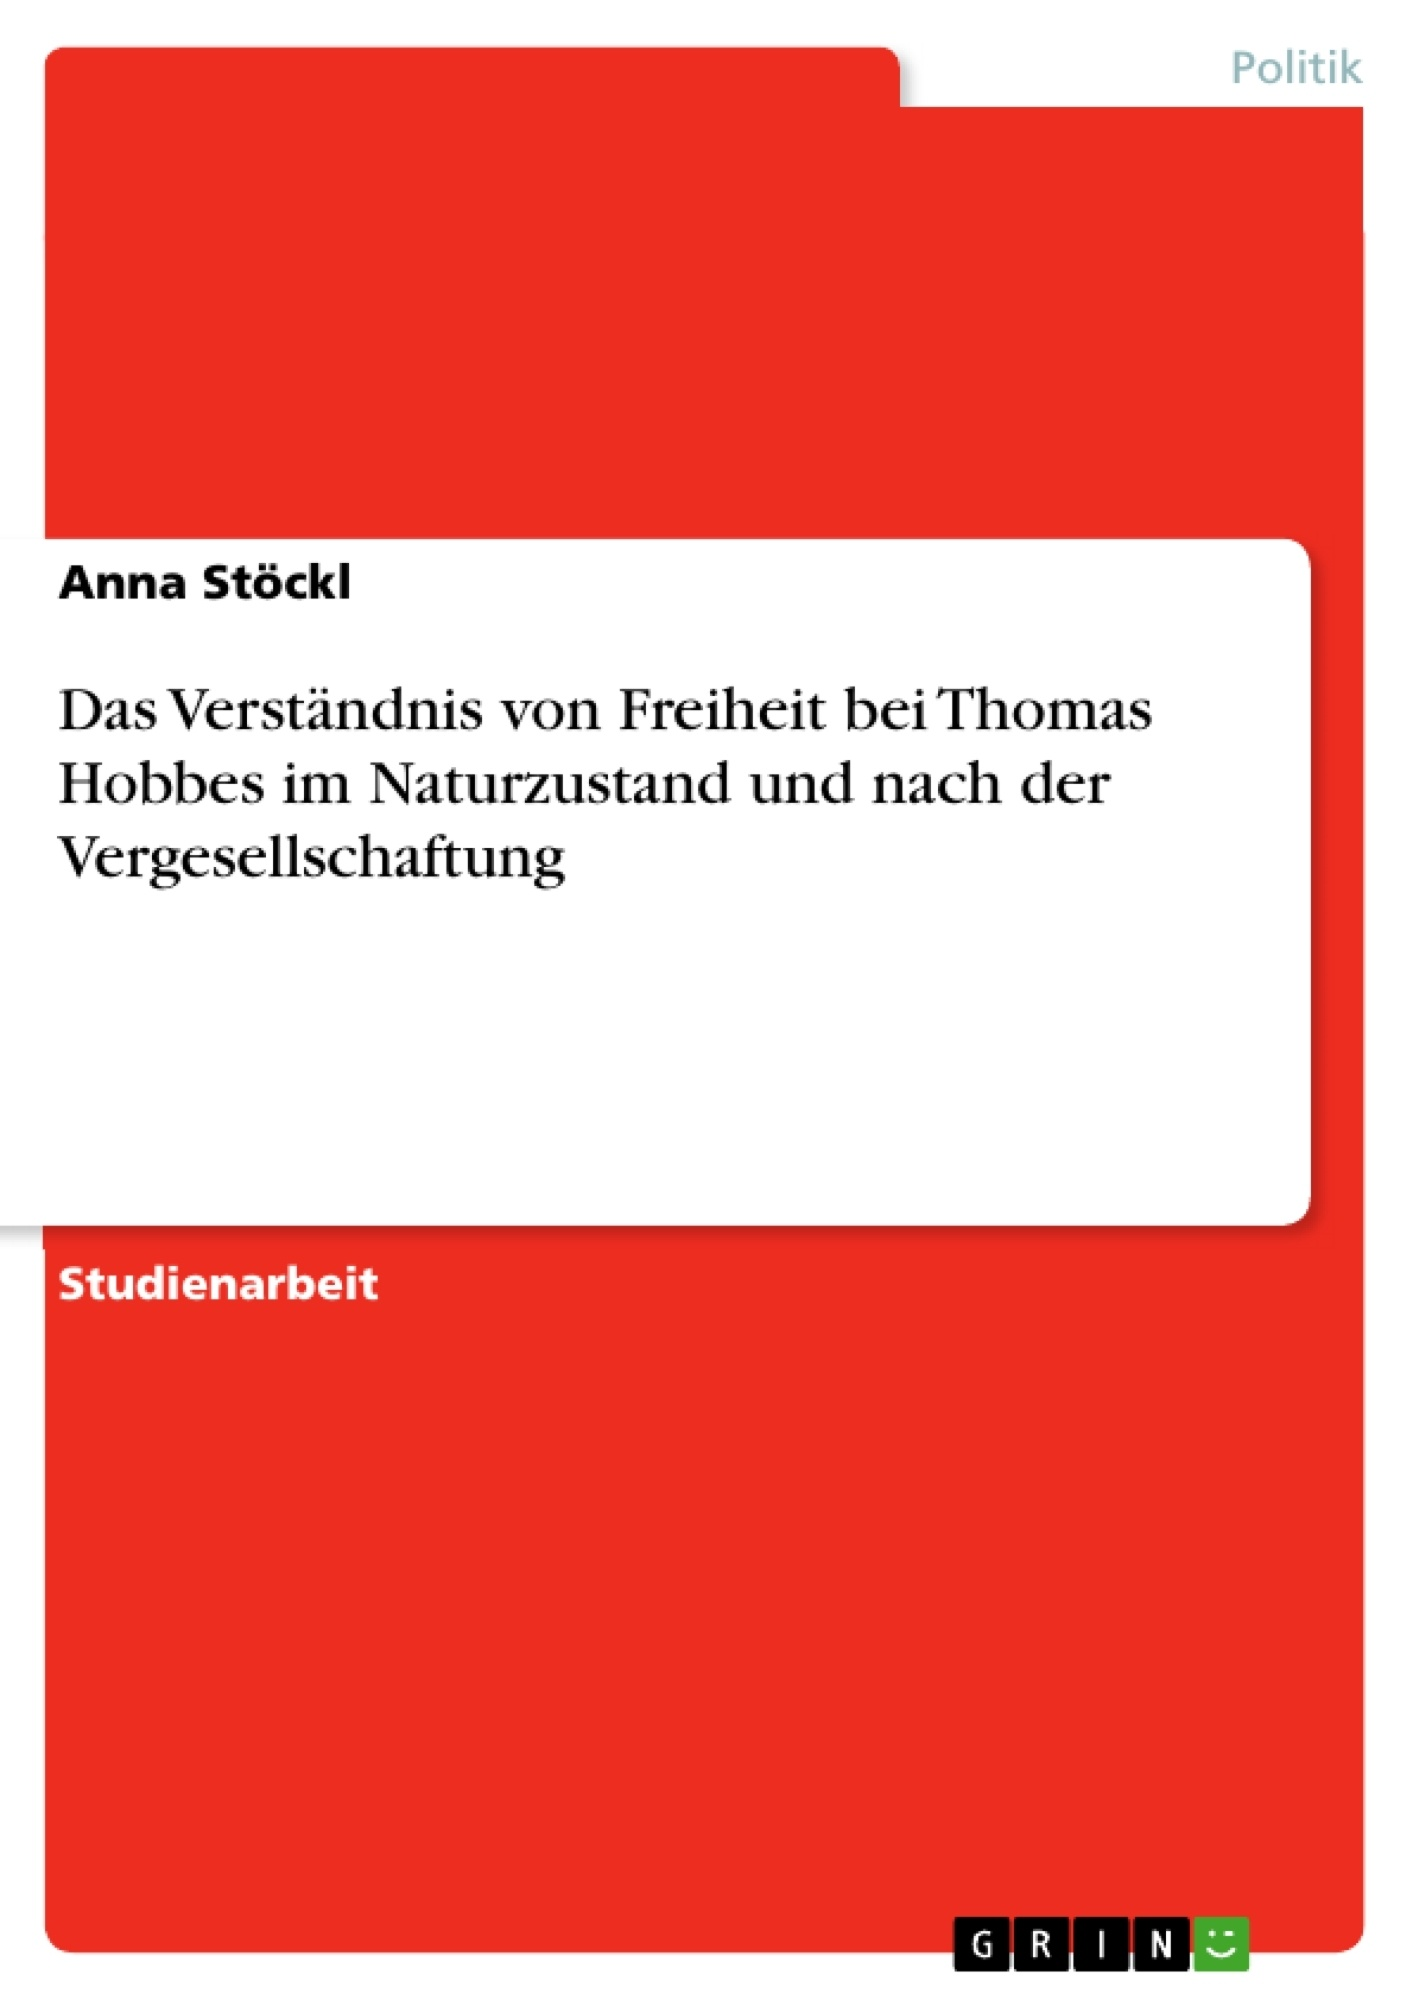 Titel: Das Verständnis von Freiheit bei Thomas Hobbes im Naturzustand und nach der Vergesellschaftung